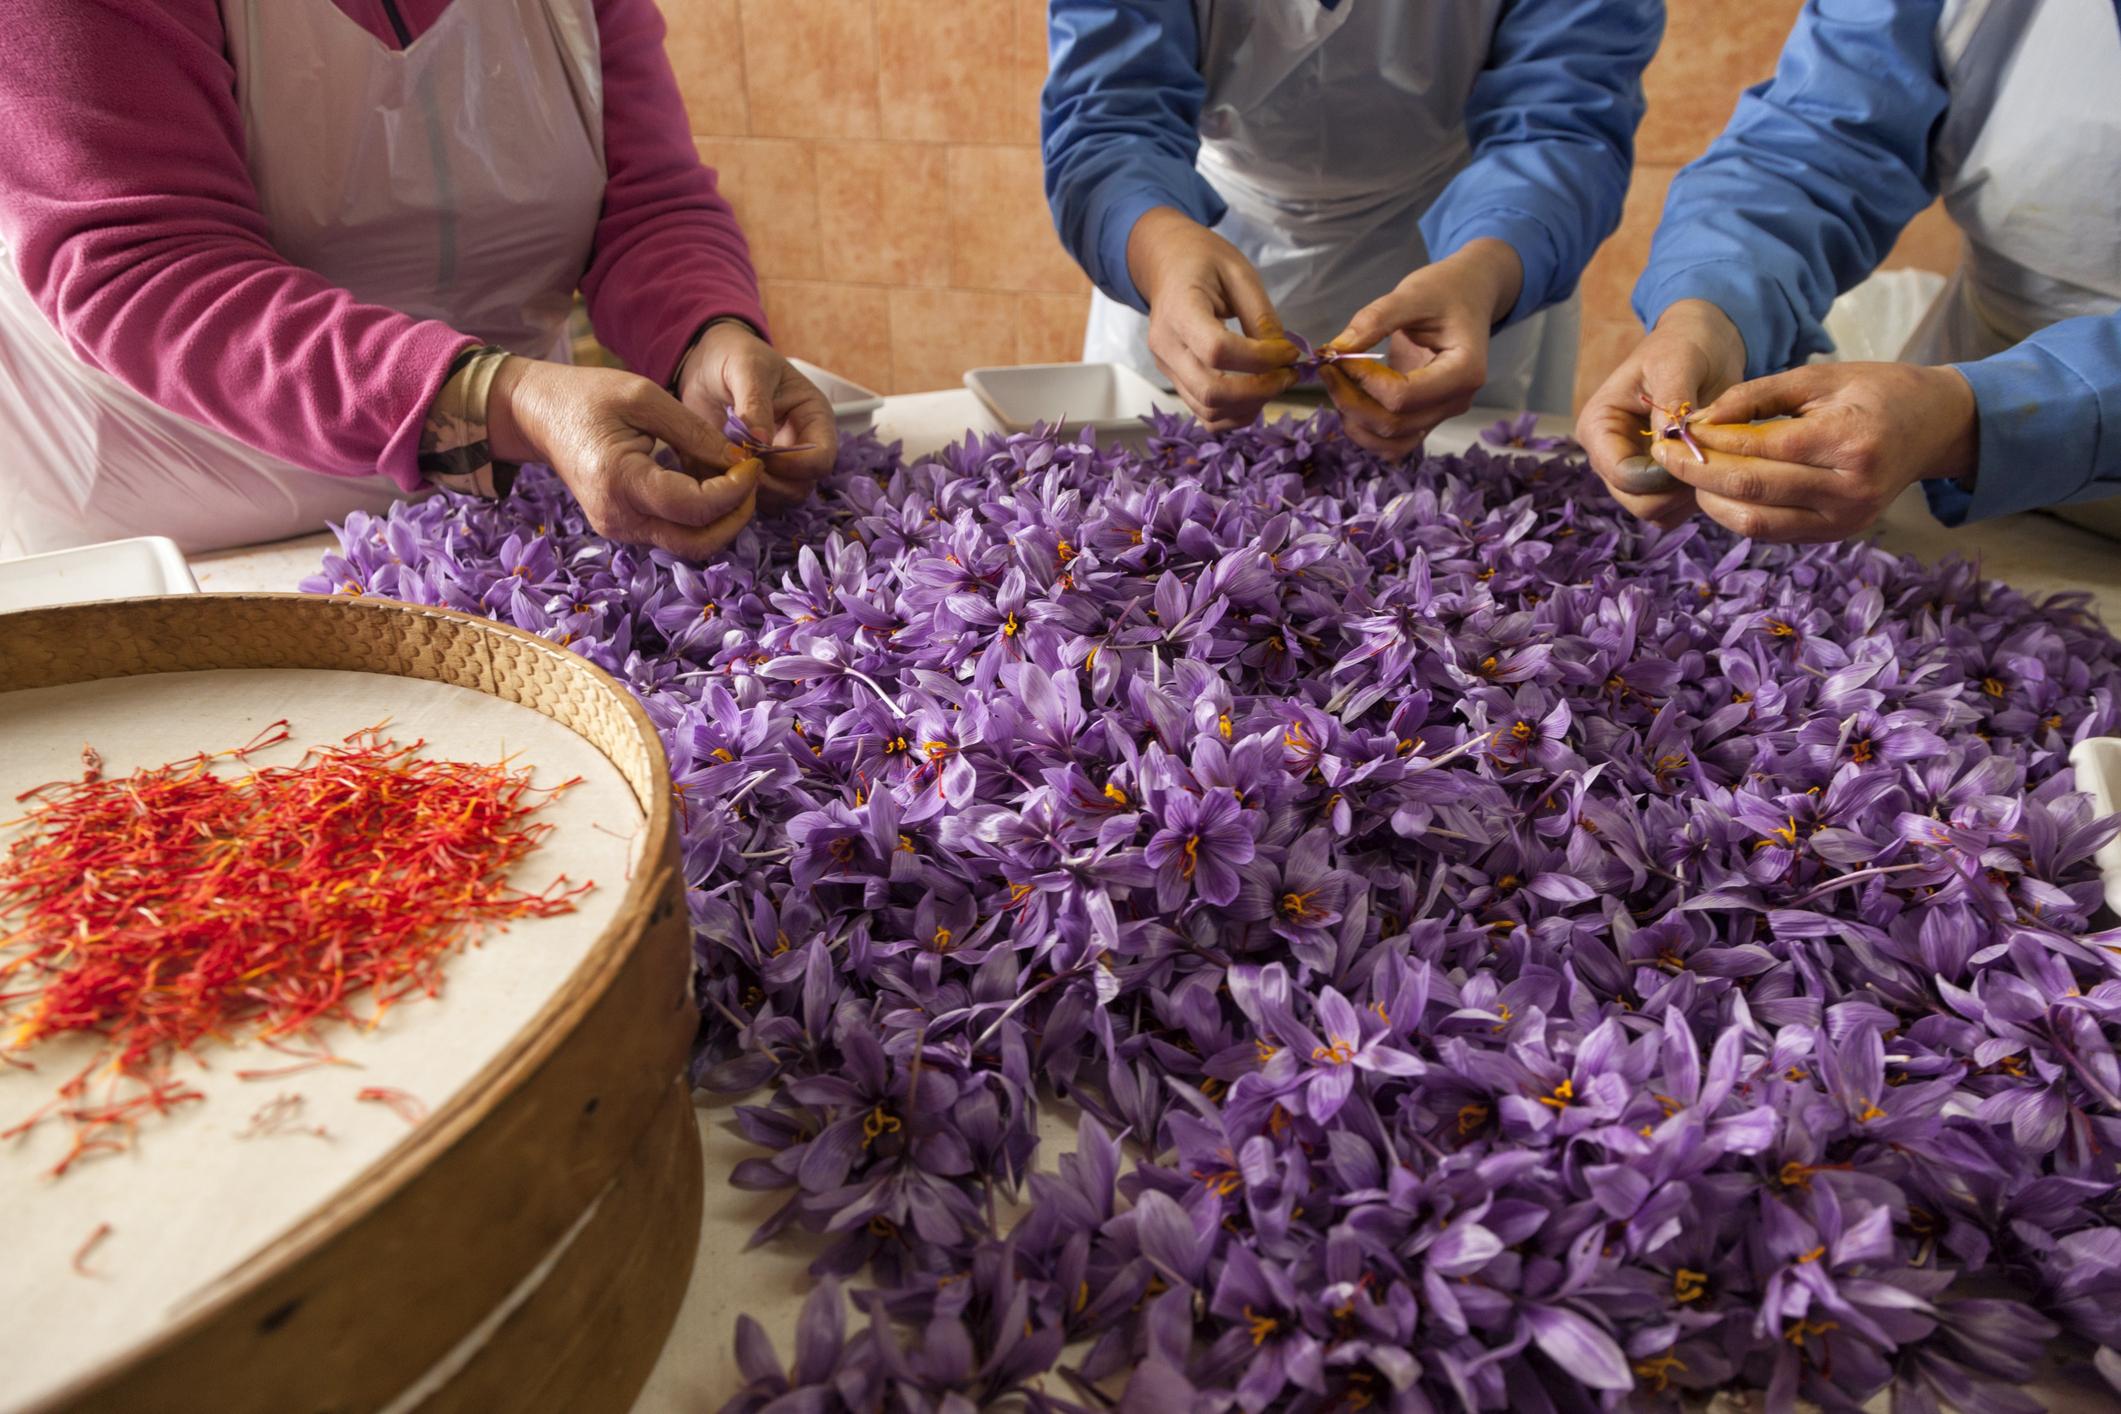 Десять самых дорогих цветов в мире: как собрать букет за миллионы долларов - фото 8